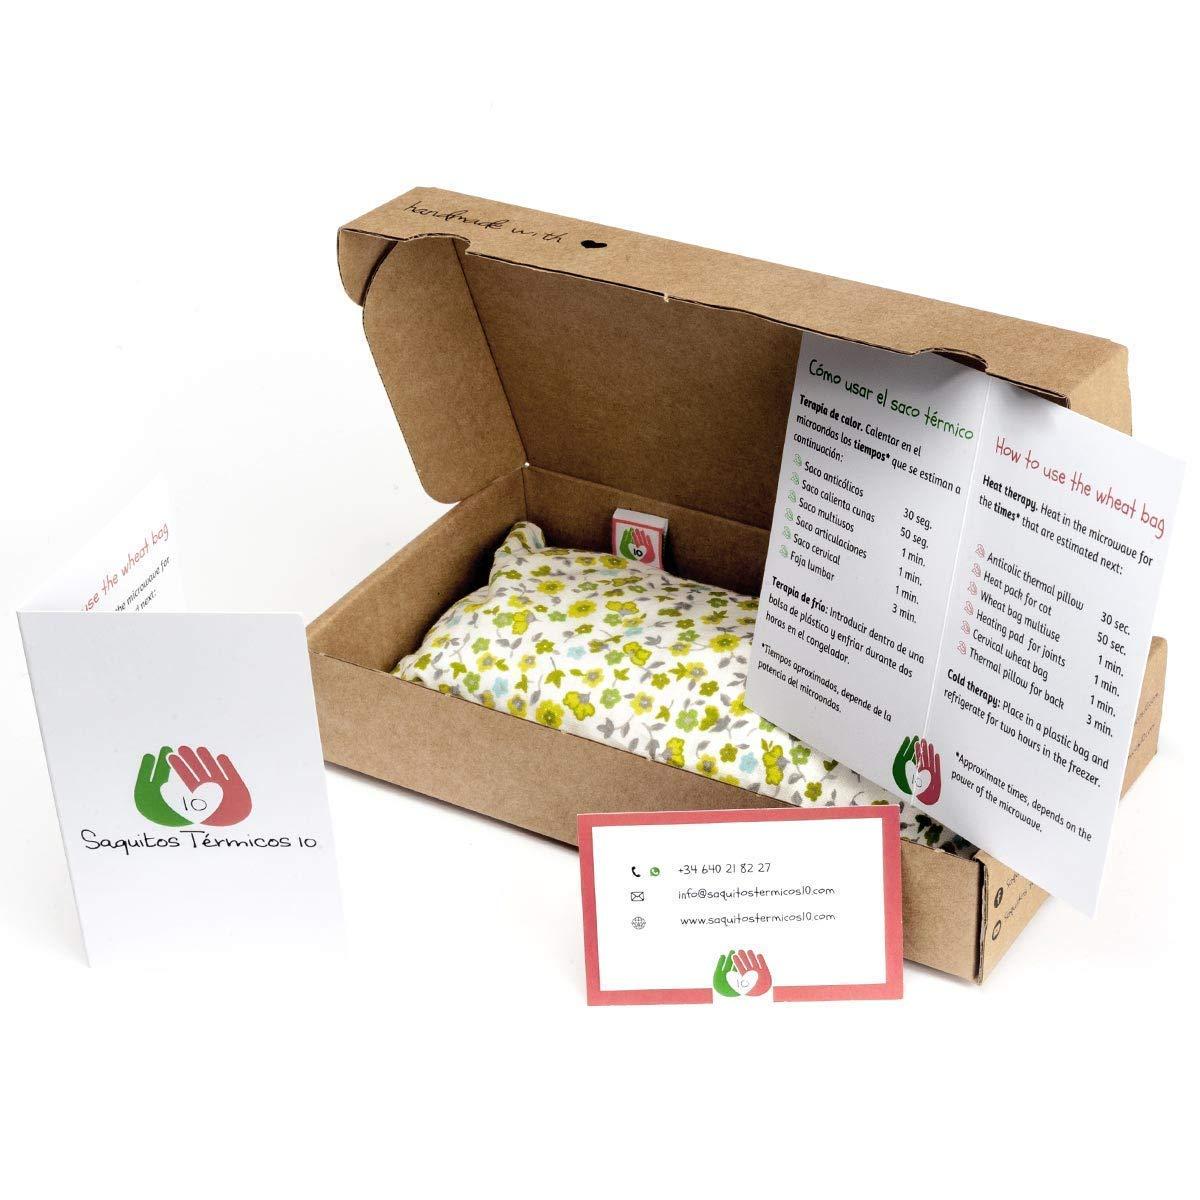 Saco termico de semillas para calentar la cuna de los beb/és Almohada para microondas con funda lavable en tela de algodon 100/% y suave olor a lavanda ST10 25x10cm Corazones